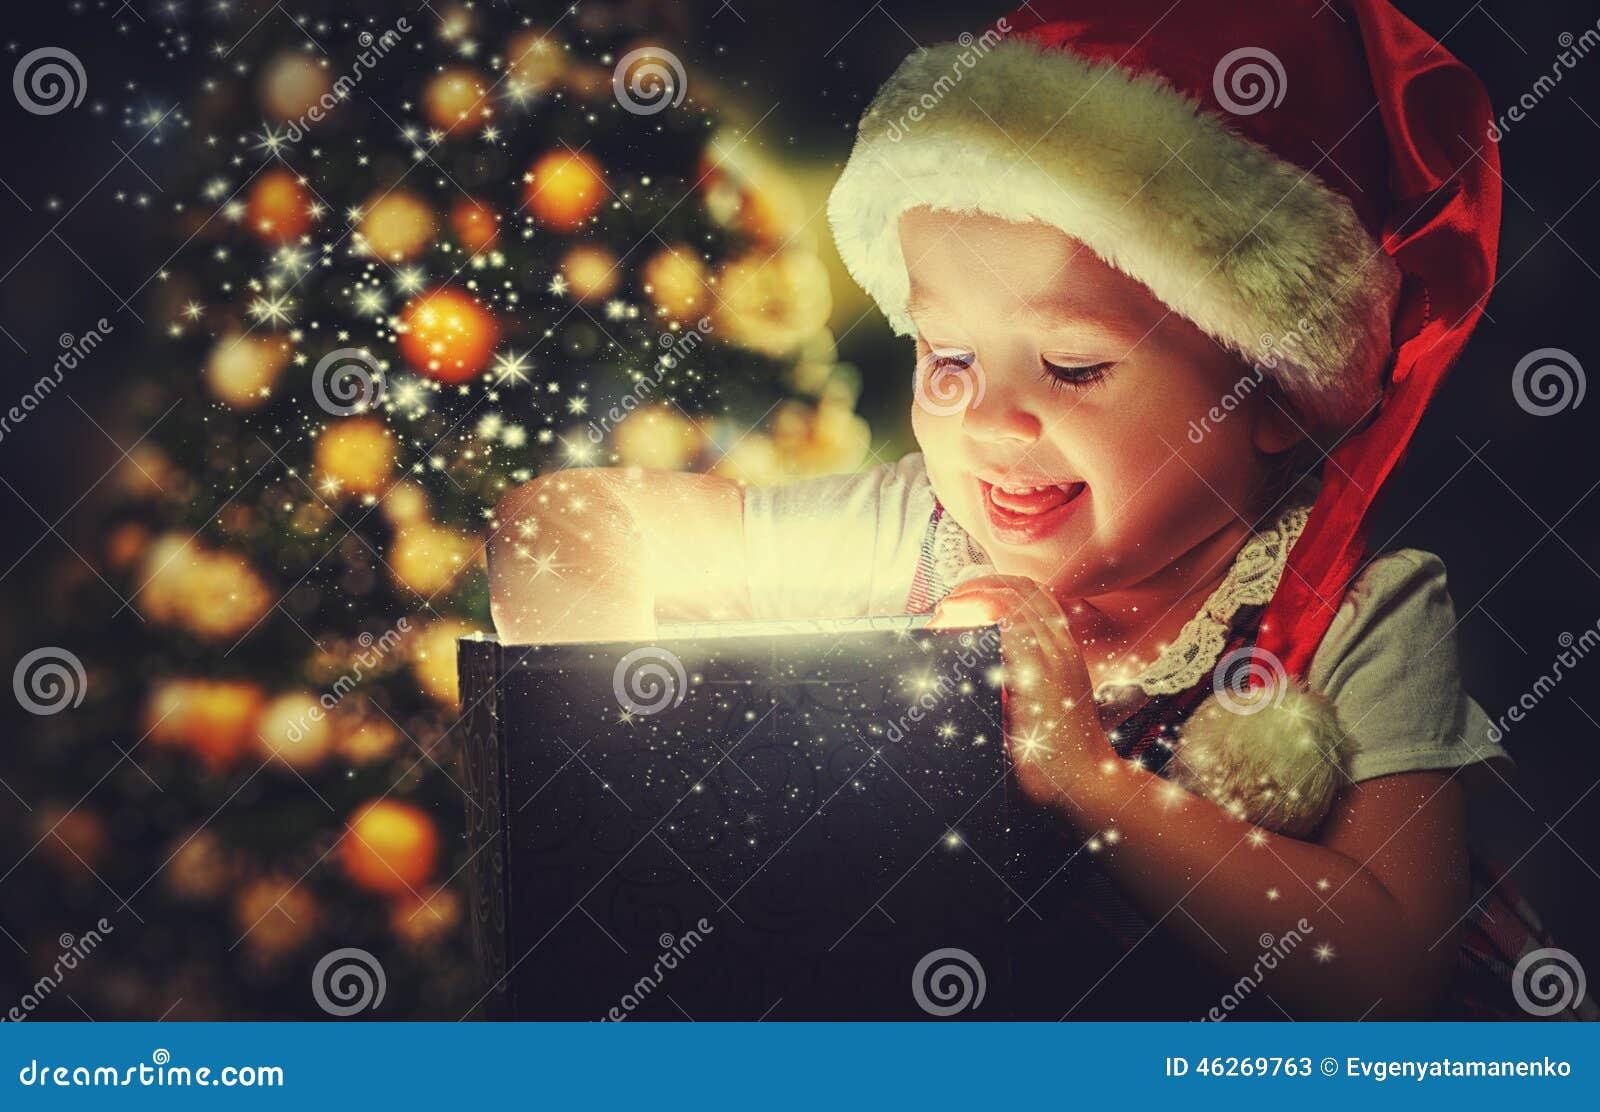 Milagro de la Navidad, caja de regalo mágica y bebé del niño